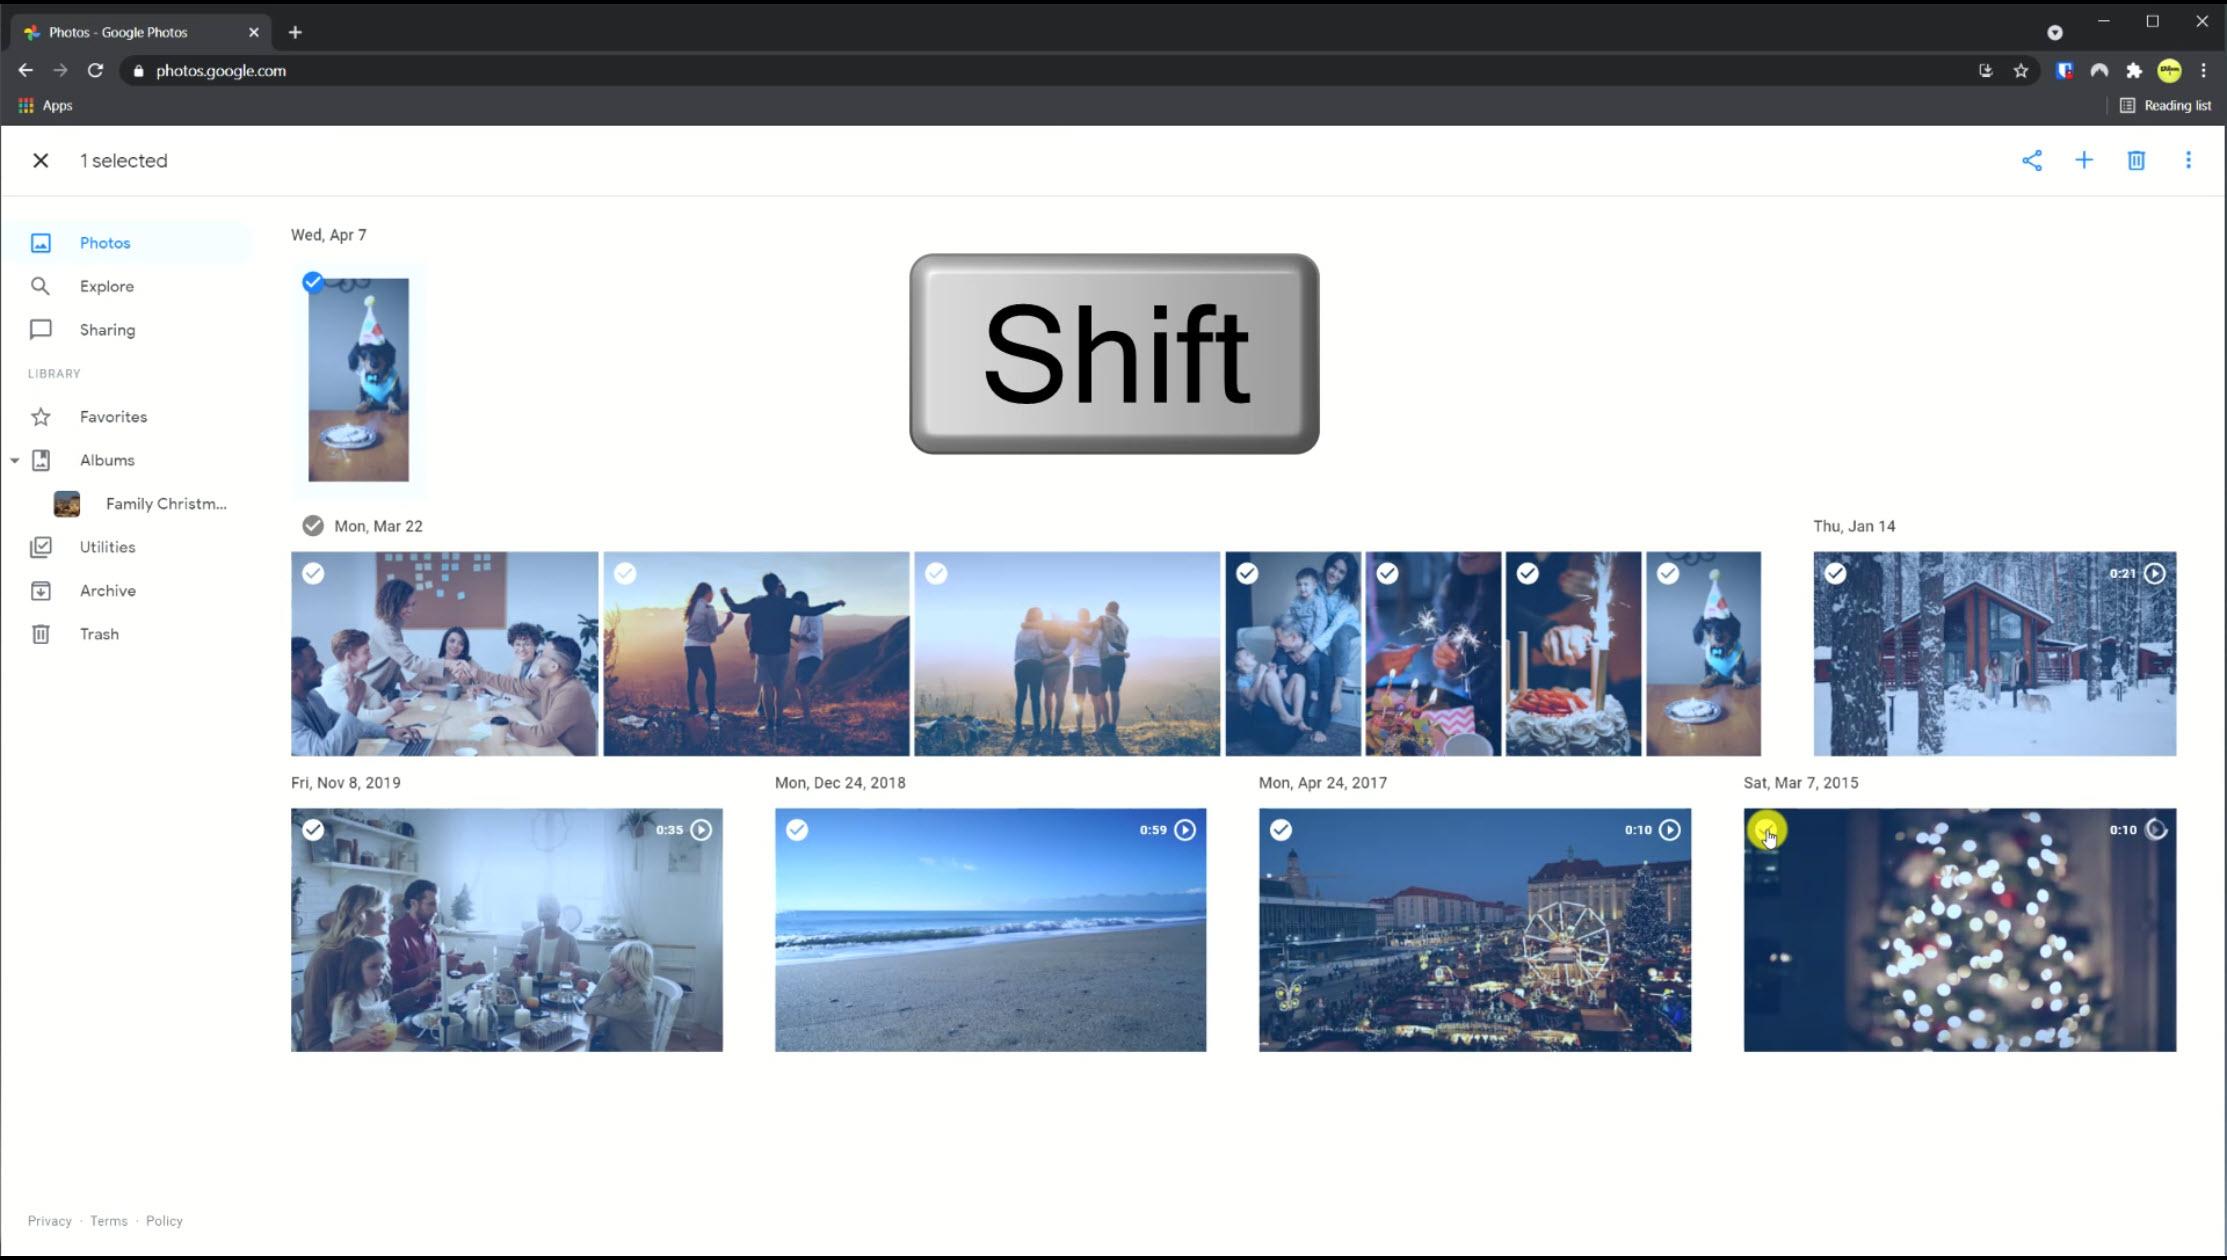 selecting photos in the Google photos app on desktop